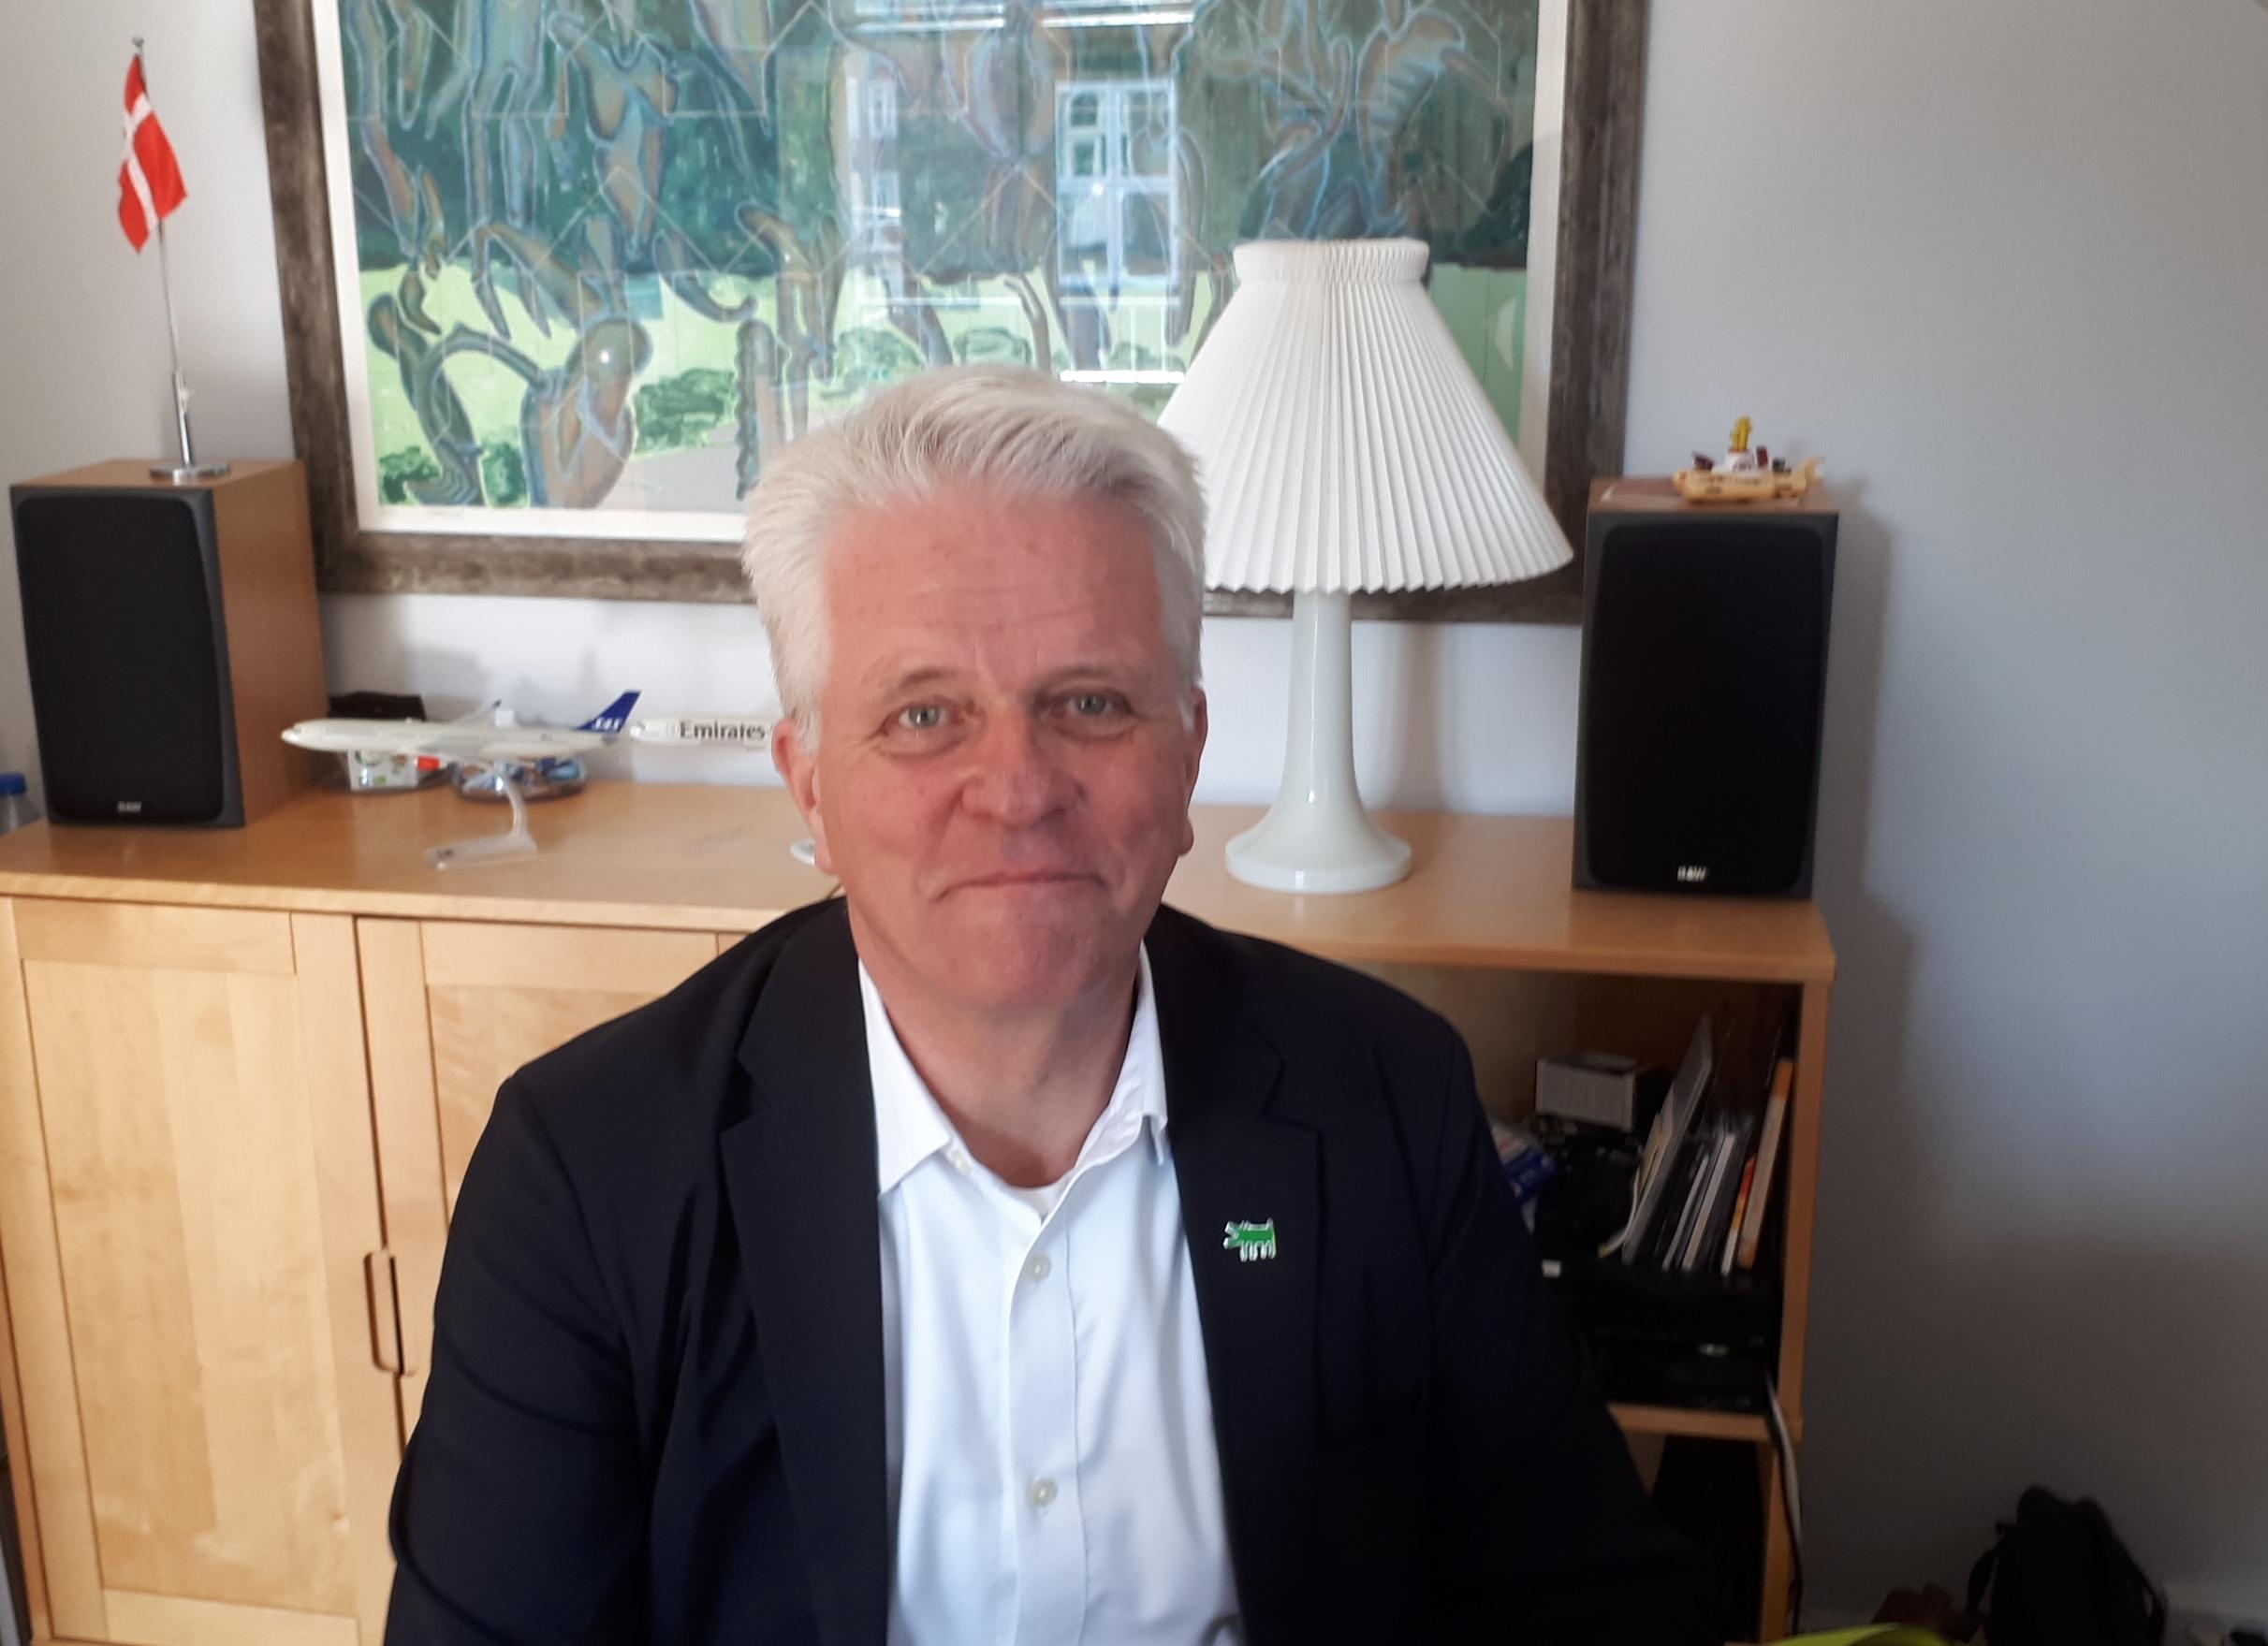 """""""Hvis regeringen ønsker en dansk rejsebureaubranche, så skal vi have hjælp nu, ellers forsvinder branchen og forbrugerne overlades til udenlandske rejsebureauer,"""" siger DRF's direktør, Lars Thykier. Arkivfoto: Henrik Baumgarten."""